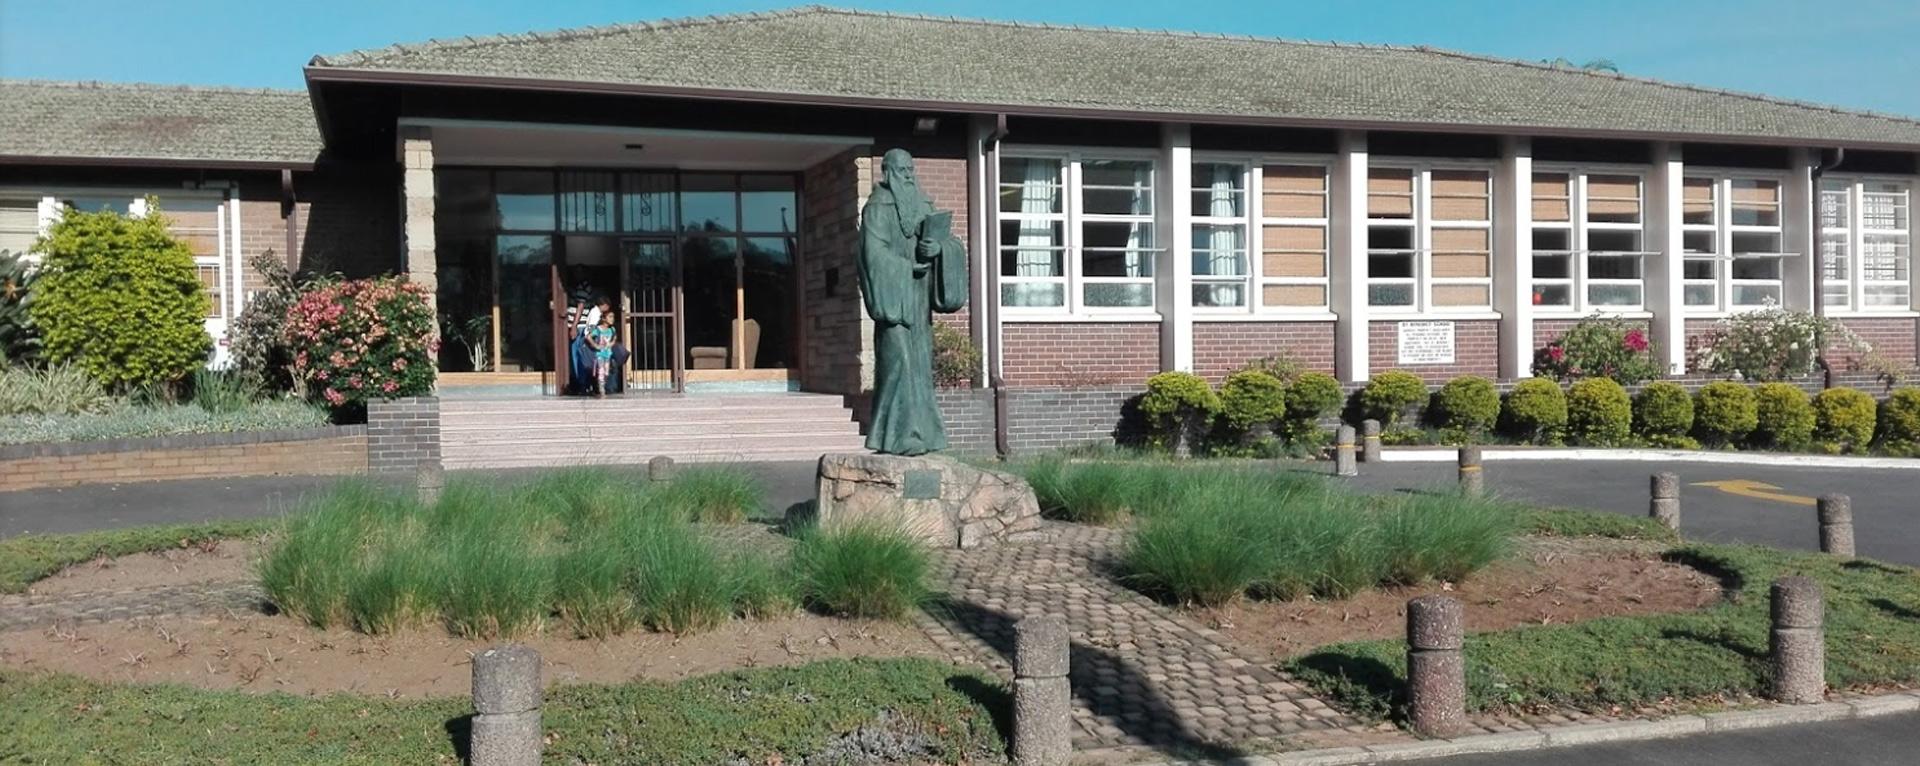 st-benedict-school-front-view